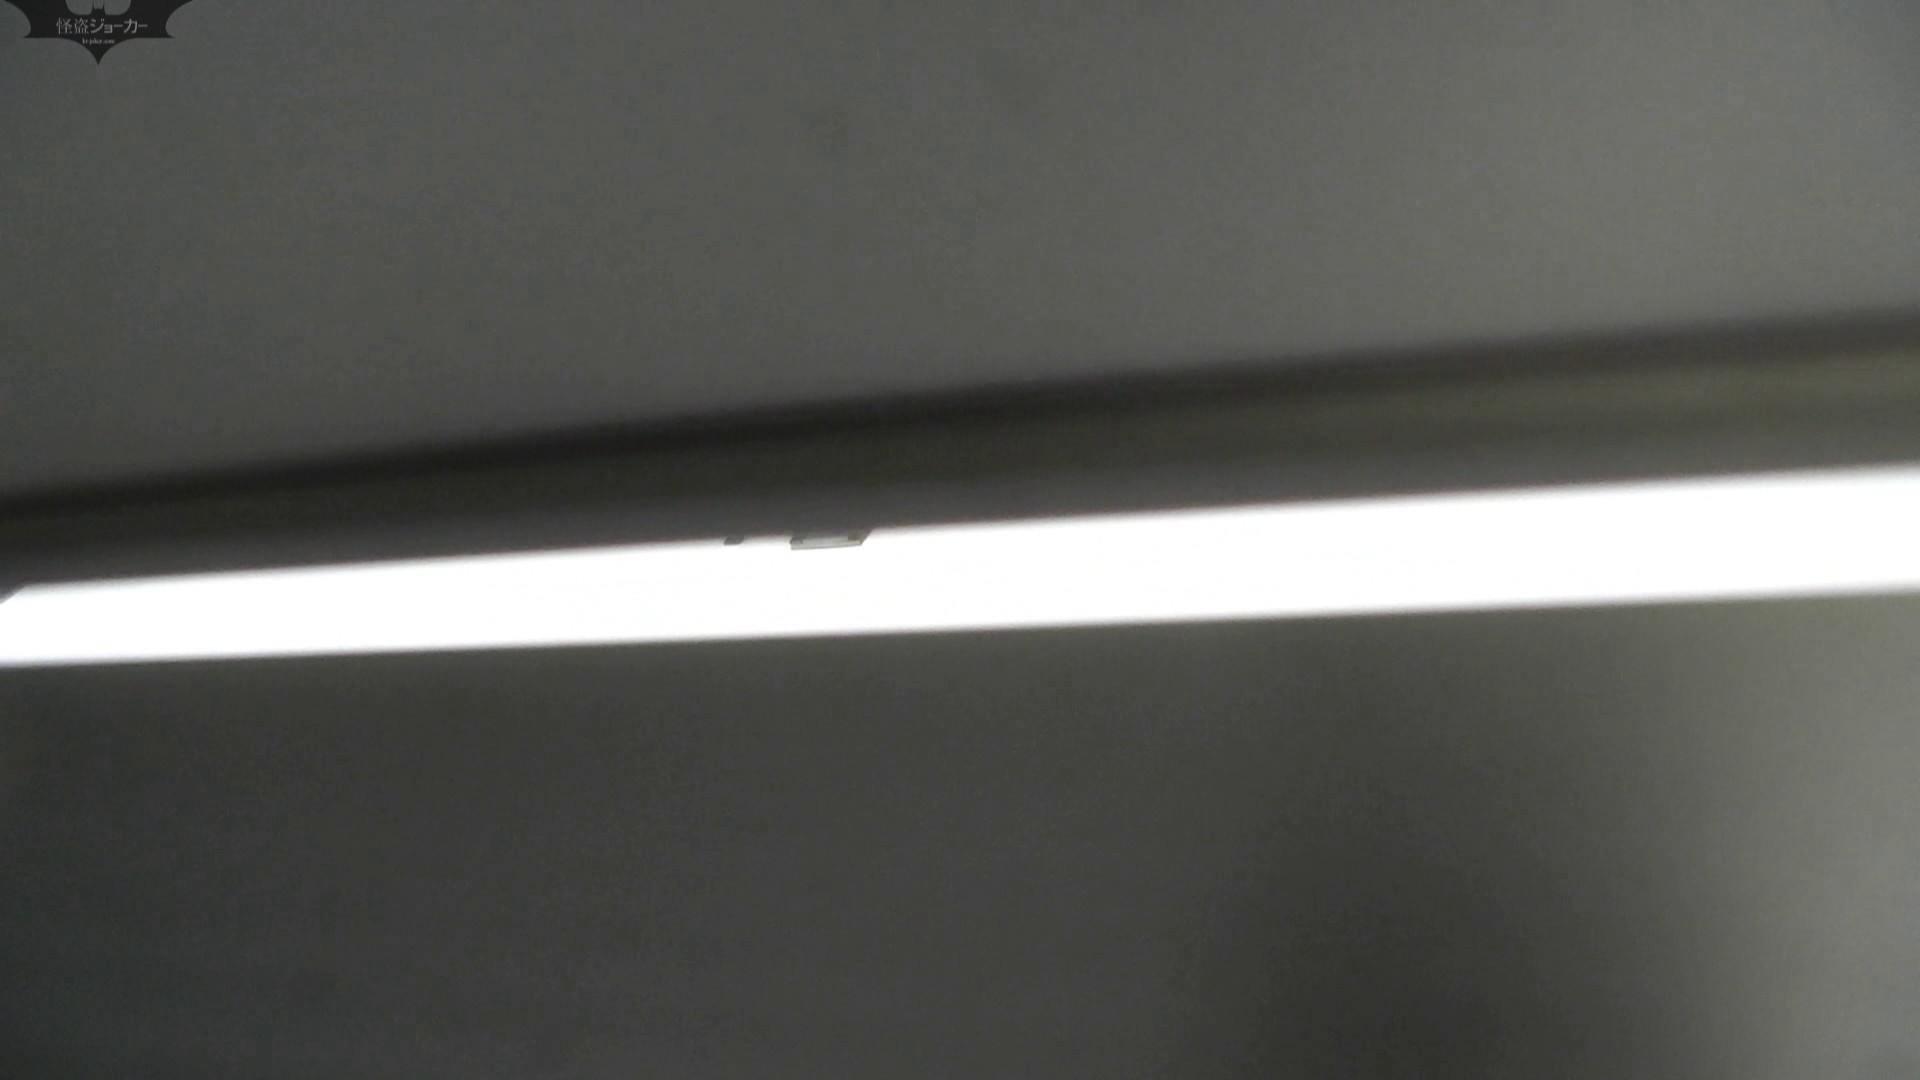 なんだこれVol.09 果敢に外まで追いかける更にアップnyodoまで見える OLのボディ おめこ無修正画像 75PIX 65